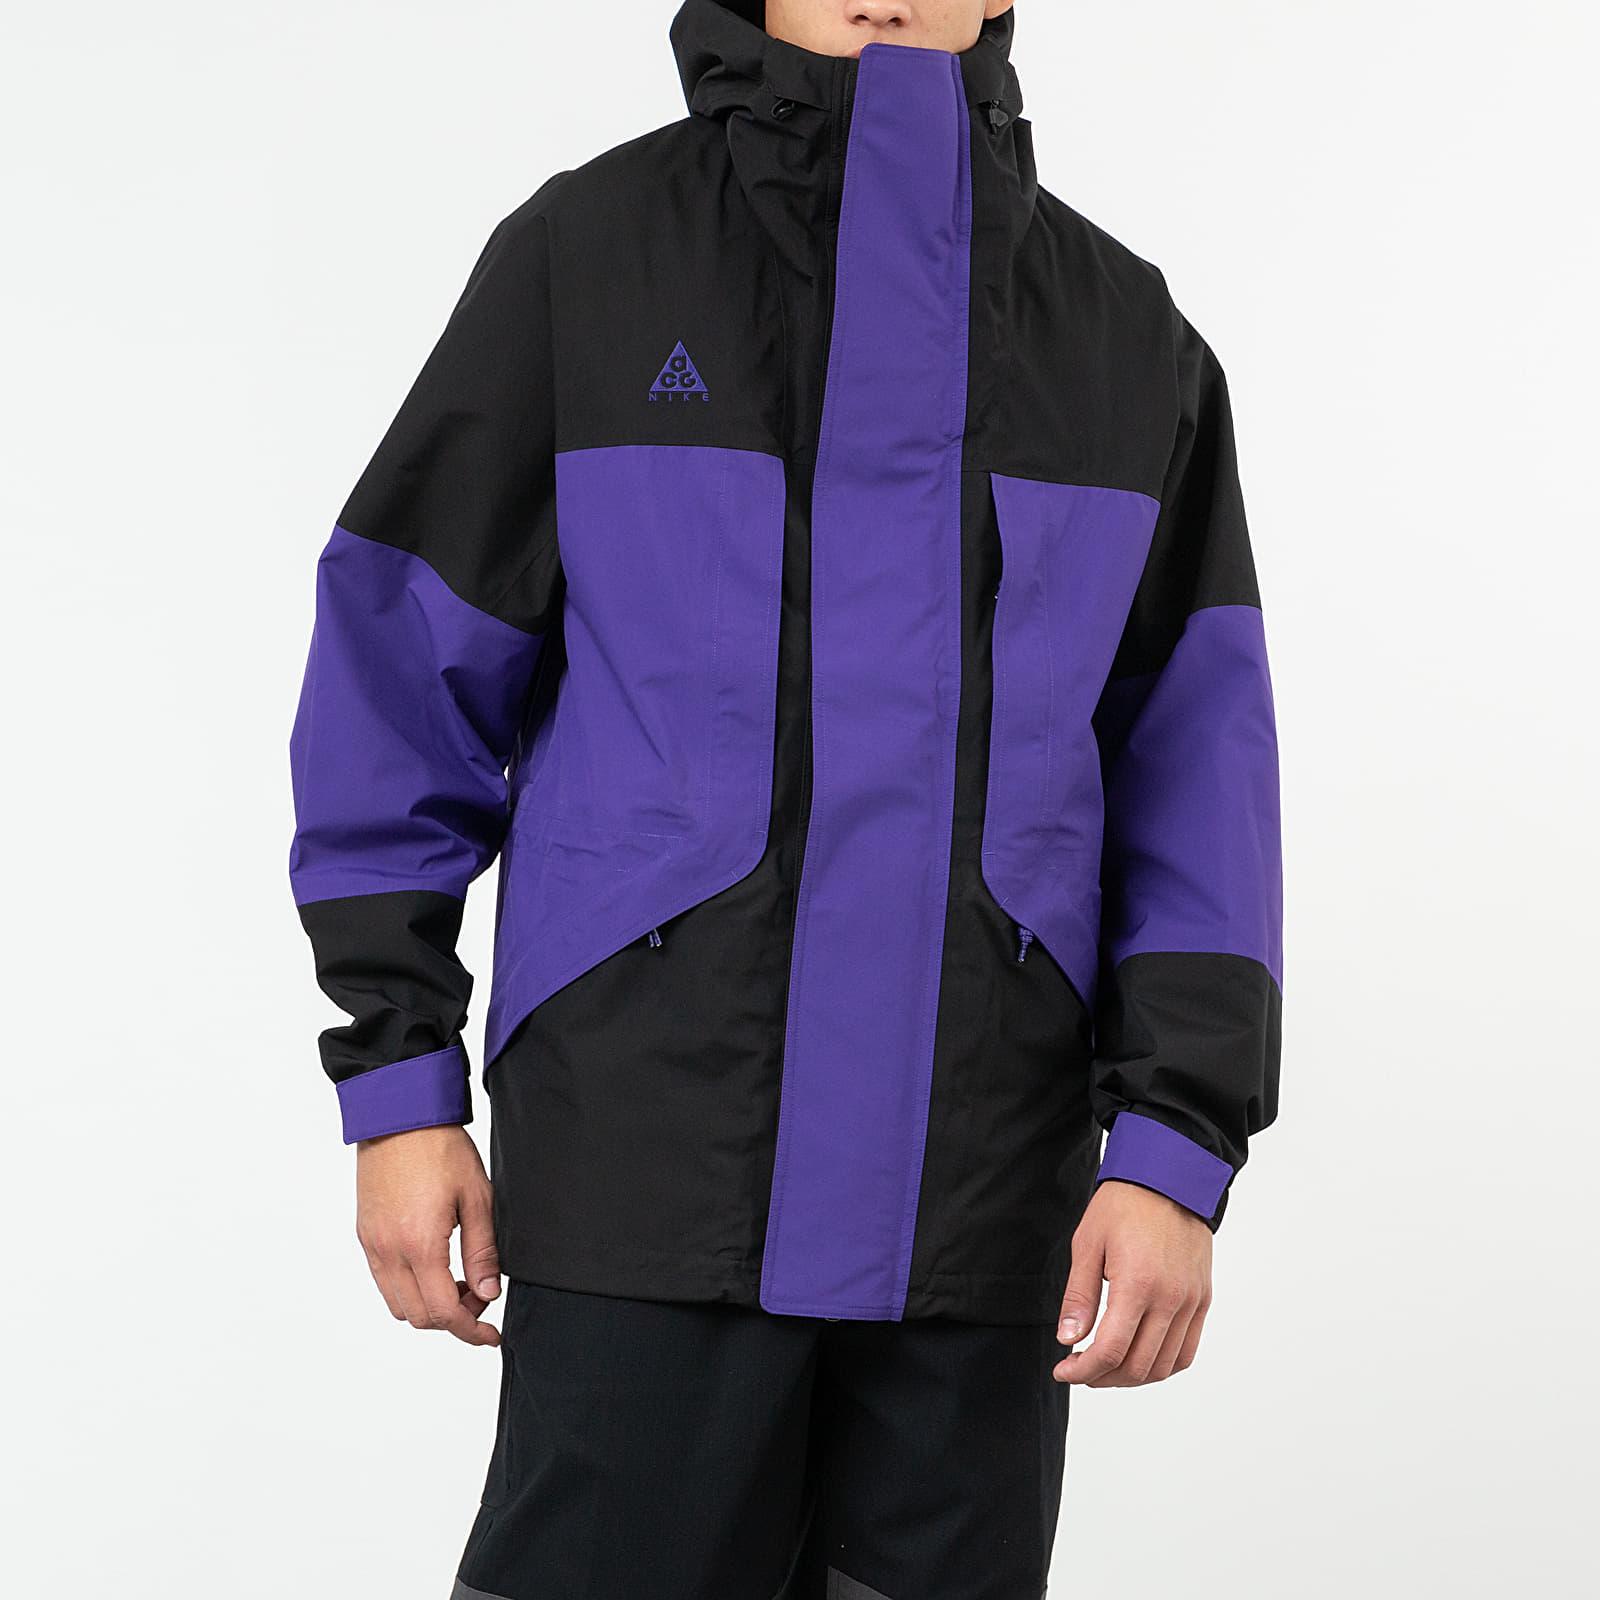 Nike NRG ACG Goretex Jacket